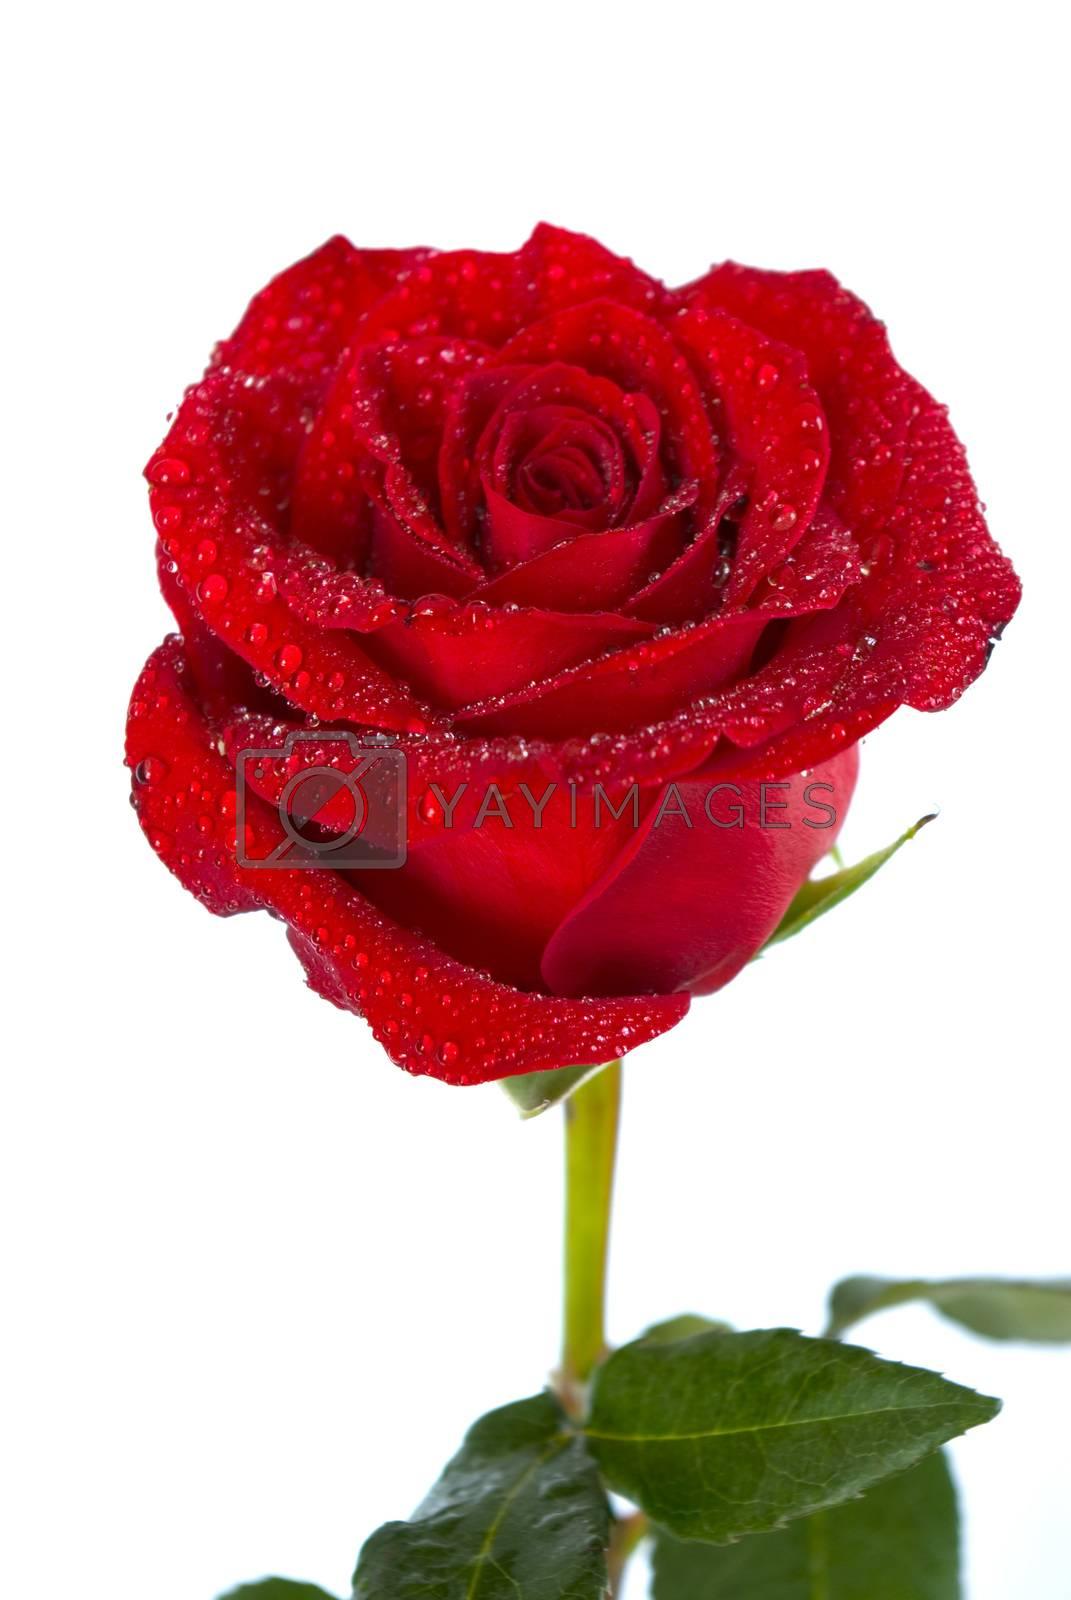 Royalty free image of red rose by Pakhnyushchyy